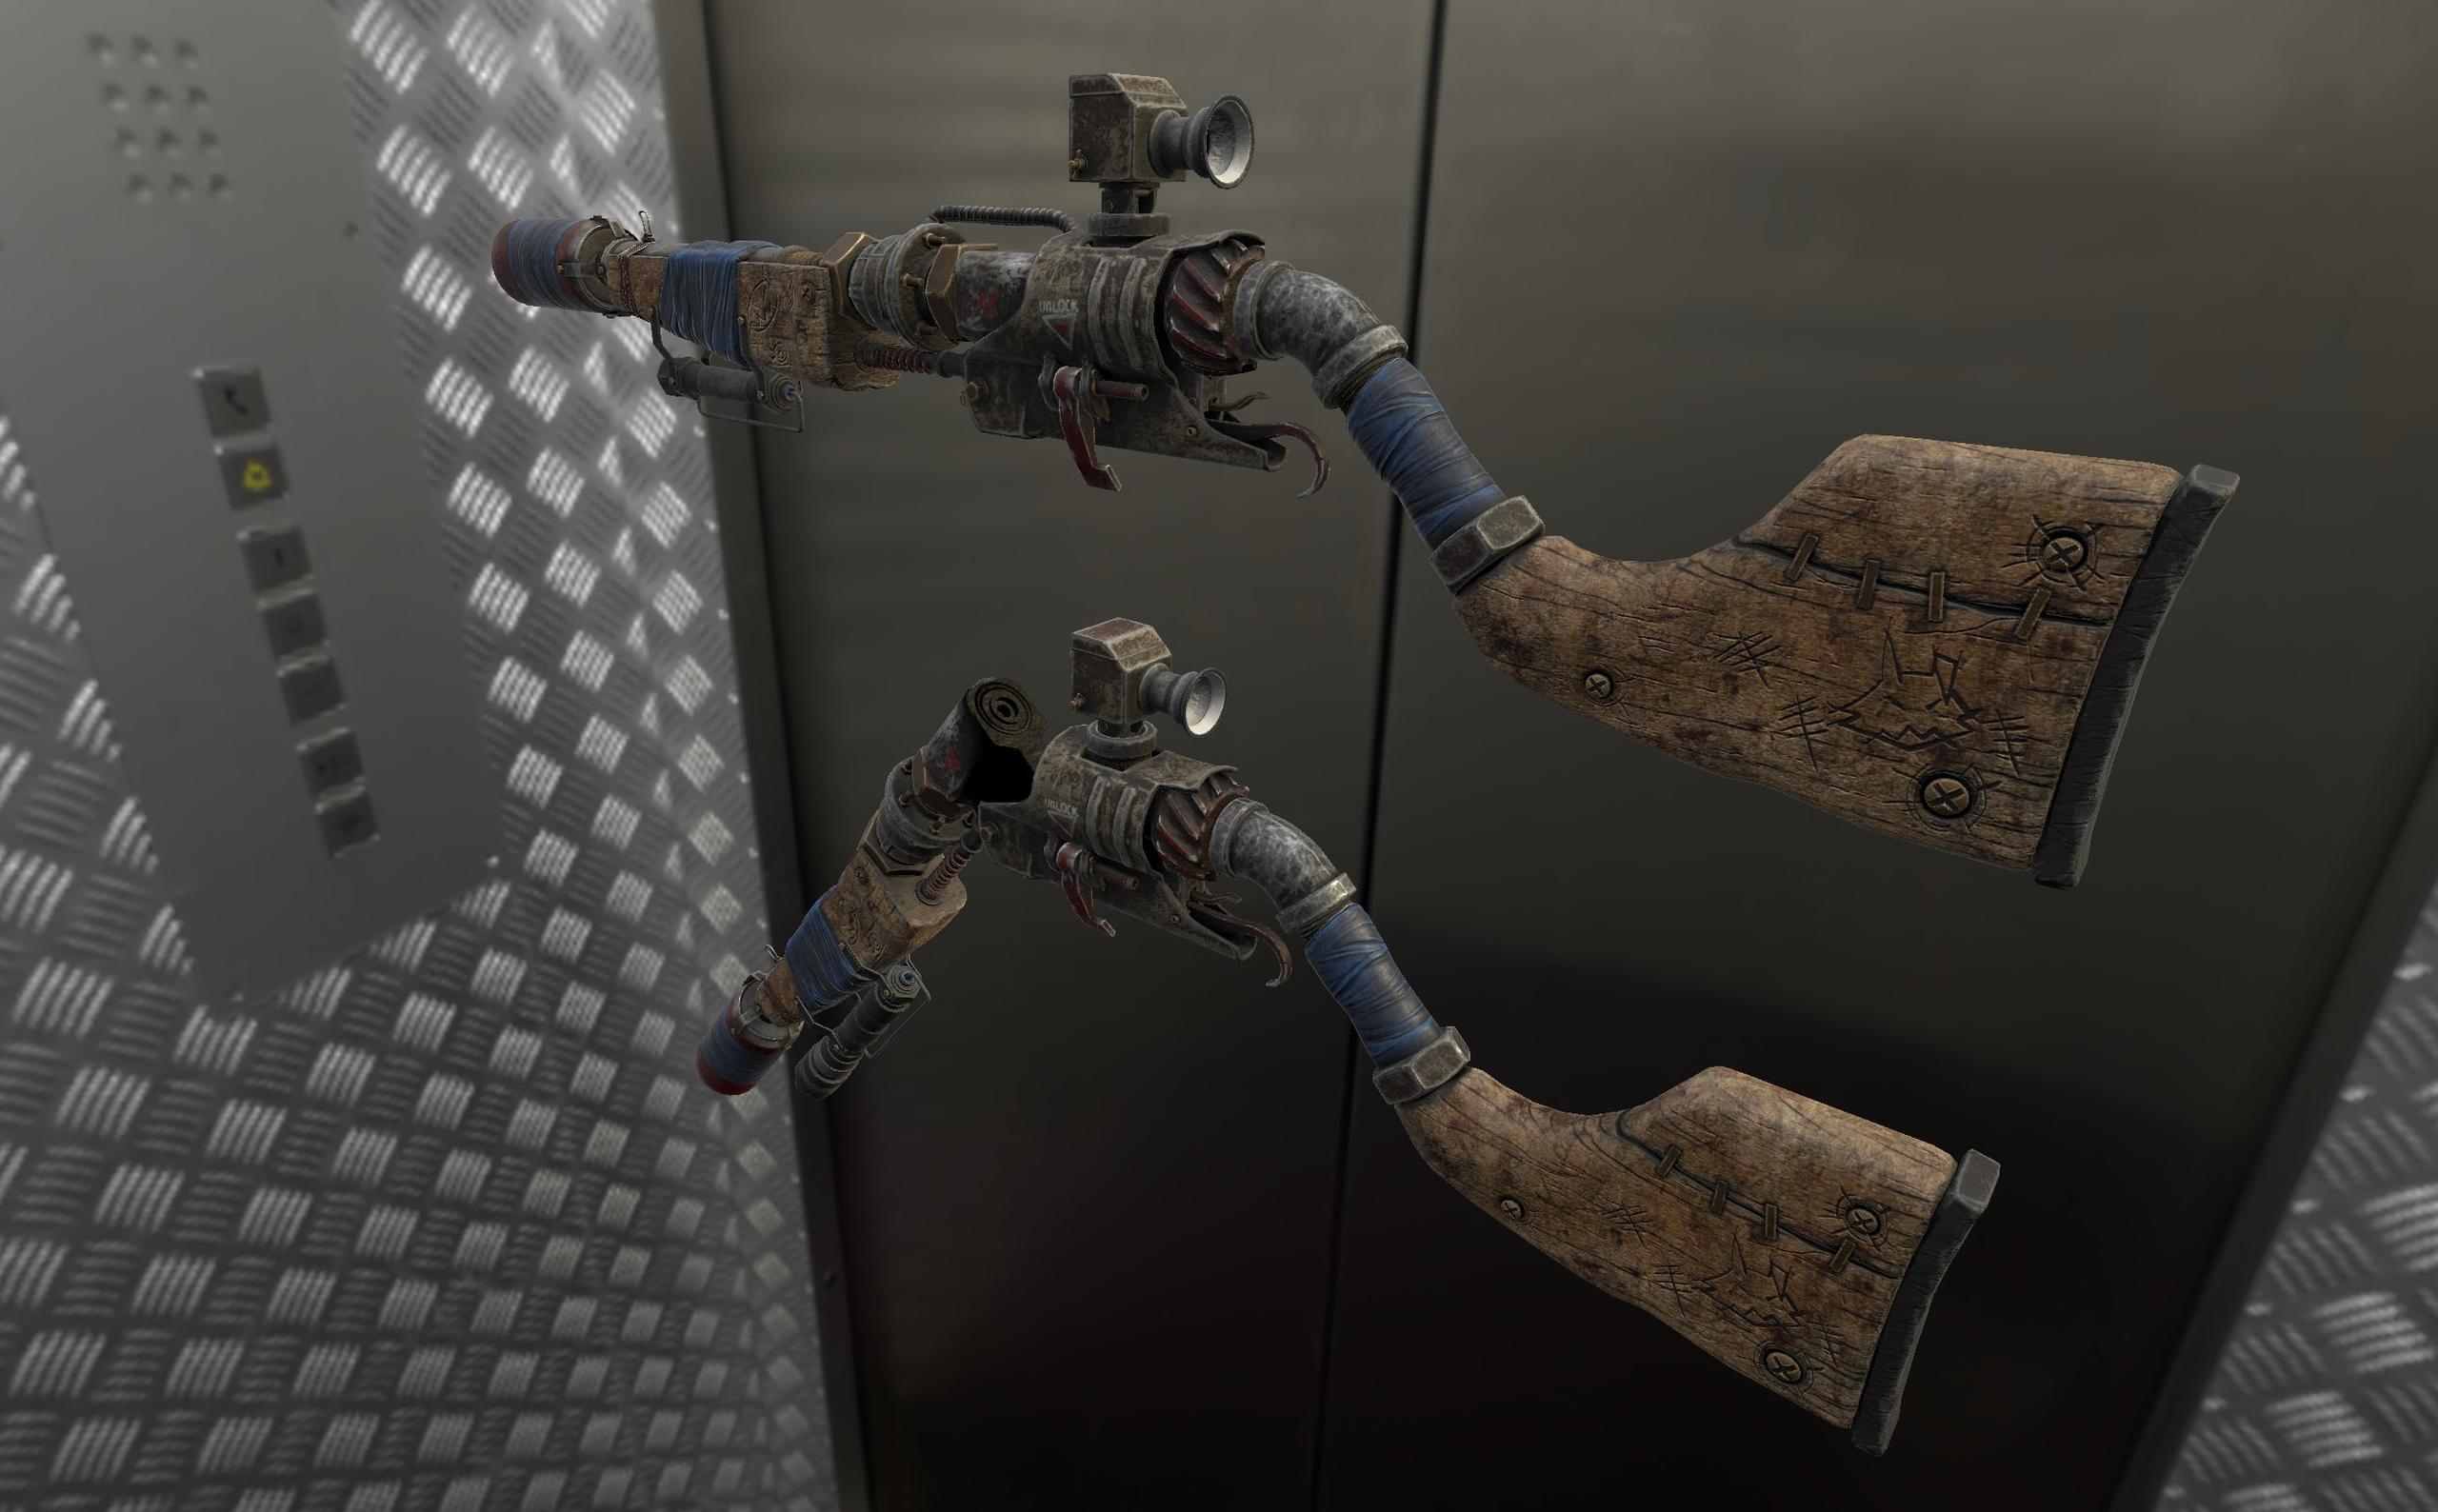 Разработчики 7DtD показали трубный дробовик, представитель примитивного оружия